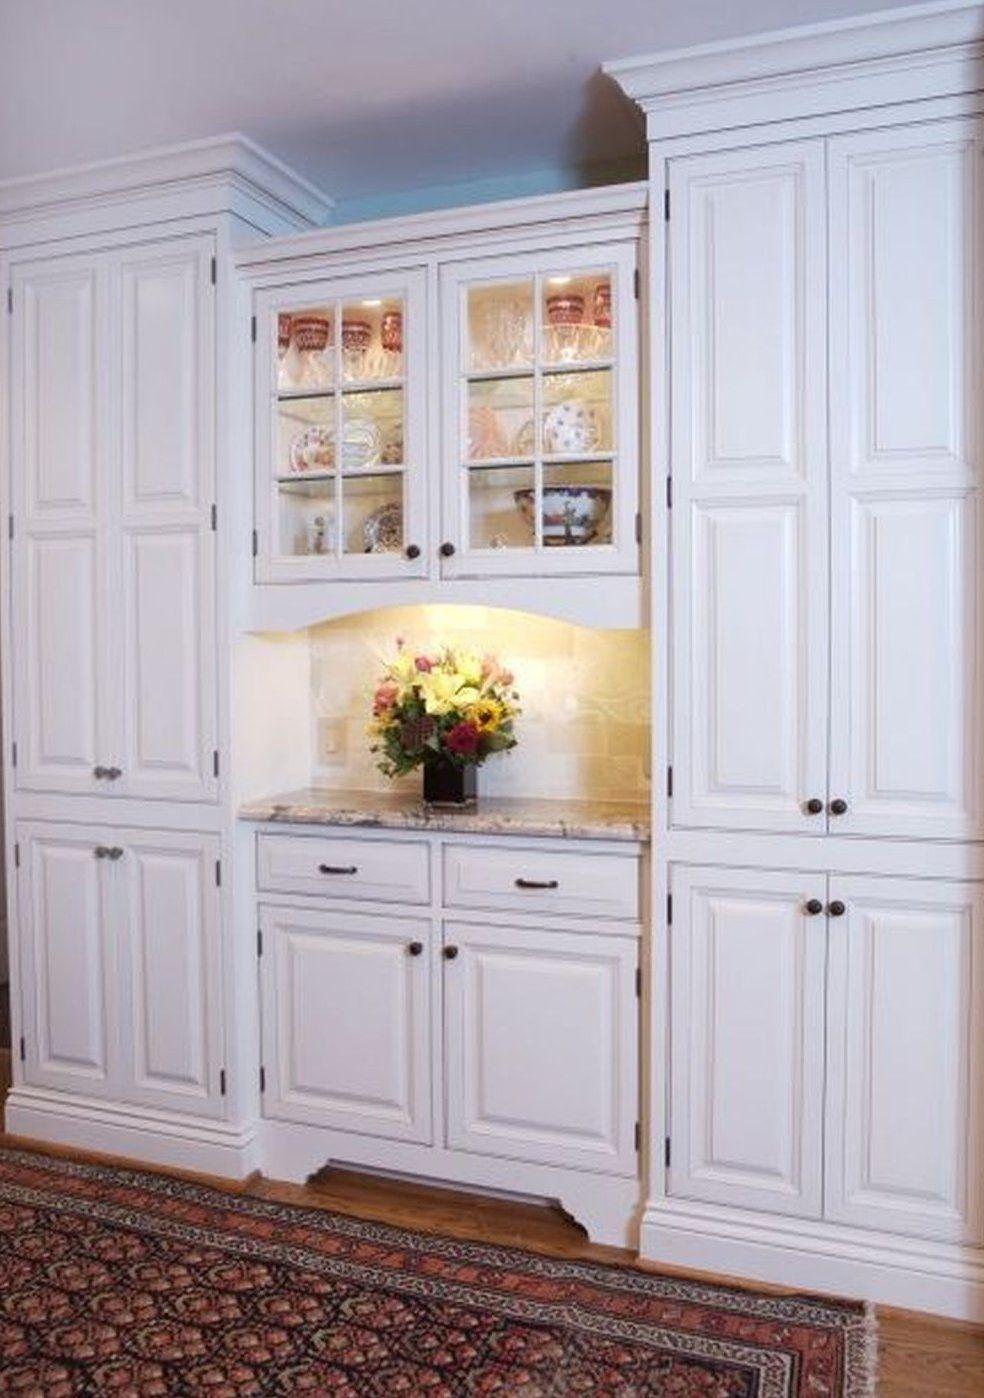 Kitchen Storage Solutions Kitchen Cabinet Storage Kitchen Cabinet Storage Solutions W In 2020 Kitchen Cabinet Storage Solutions Floor To Ceiling Cabinets Home